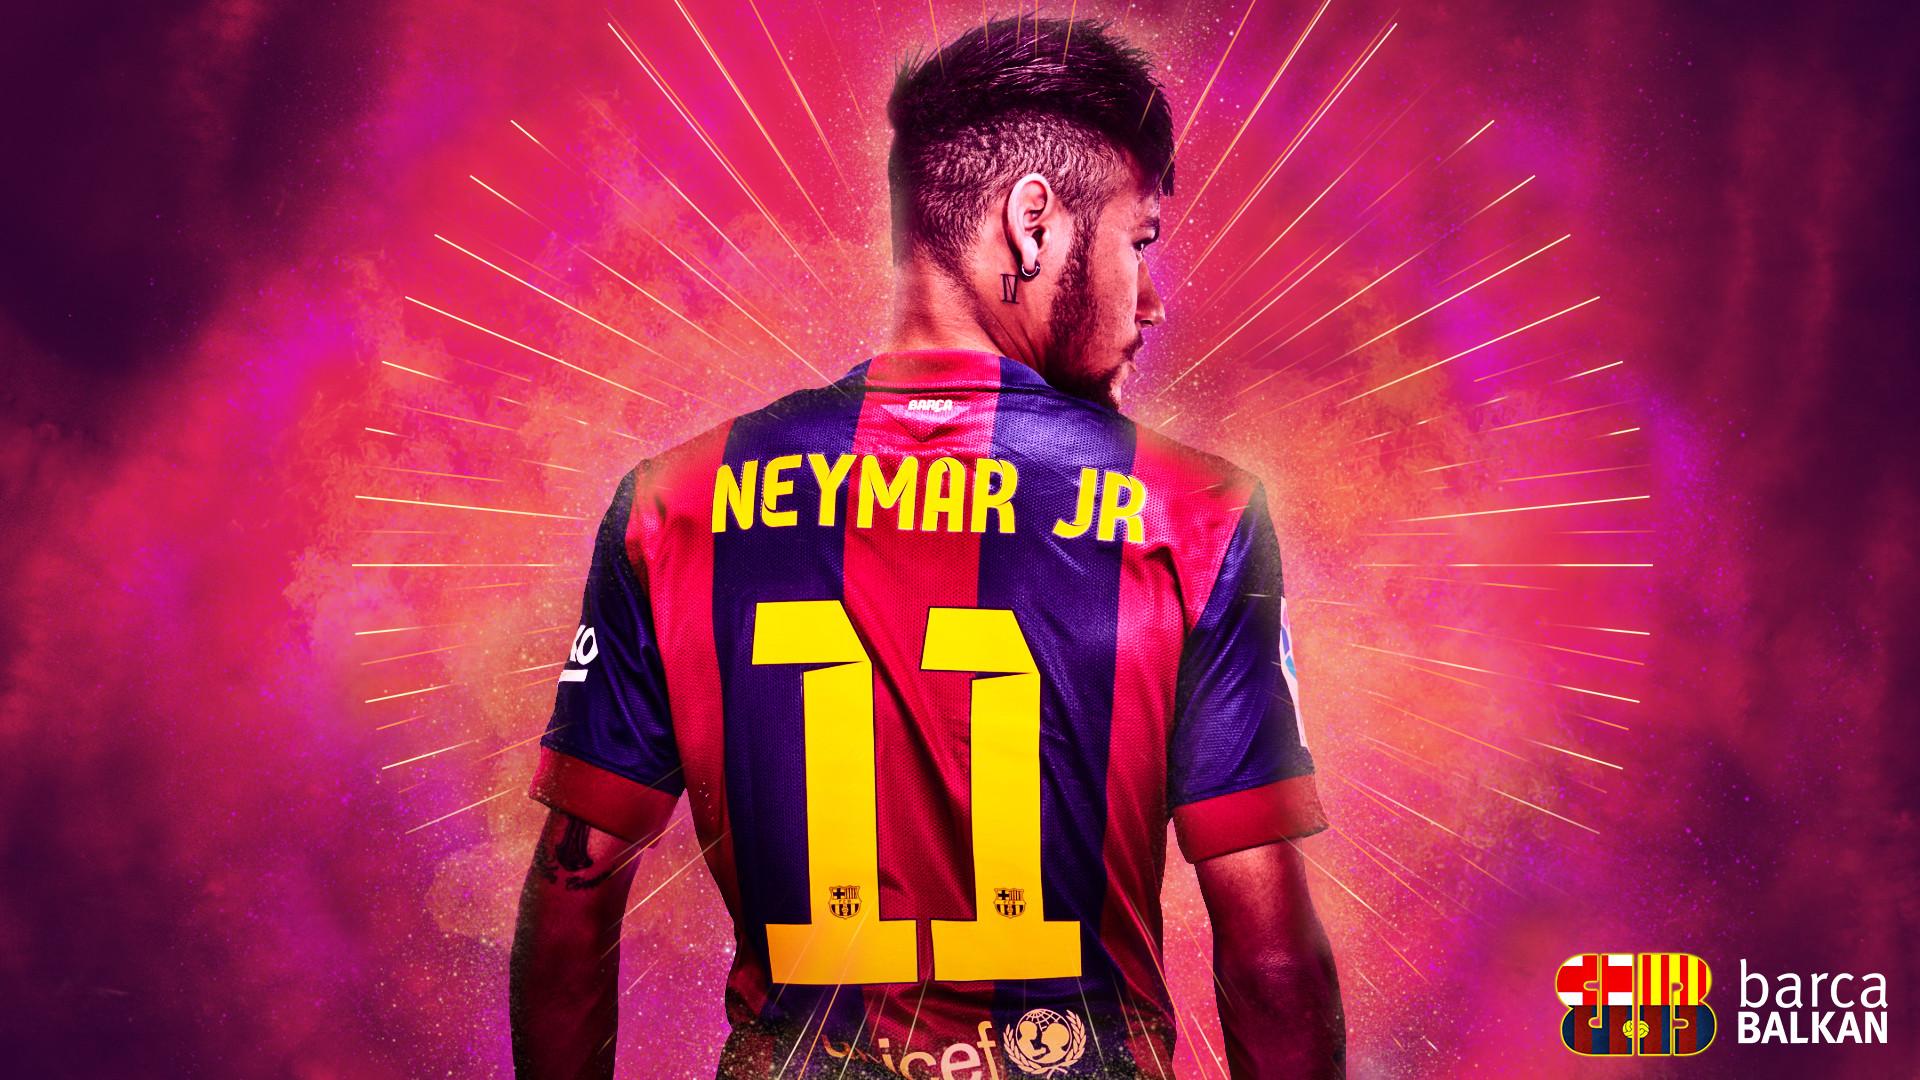 Neymar Jr Wallpaper 2015 Hd